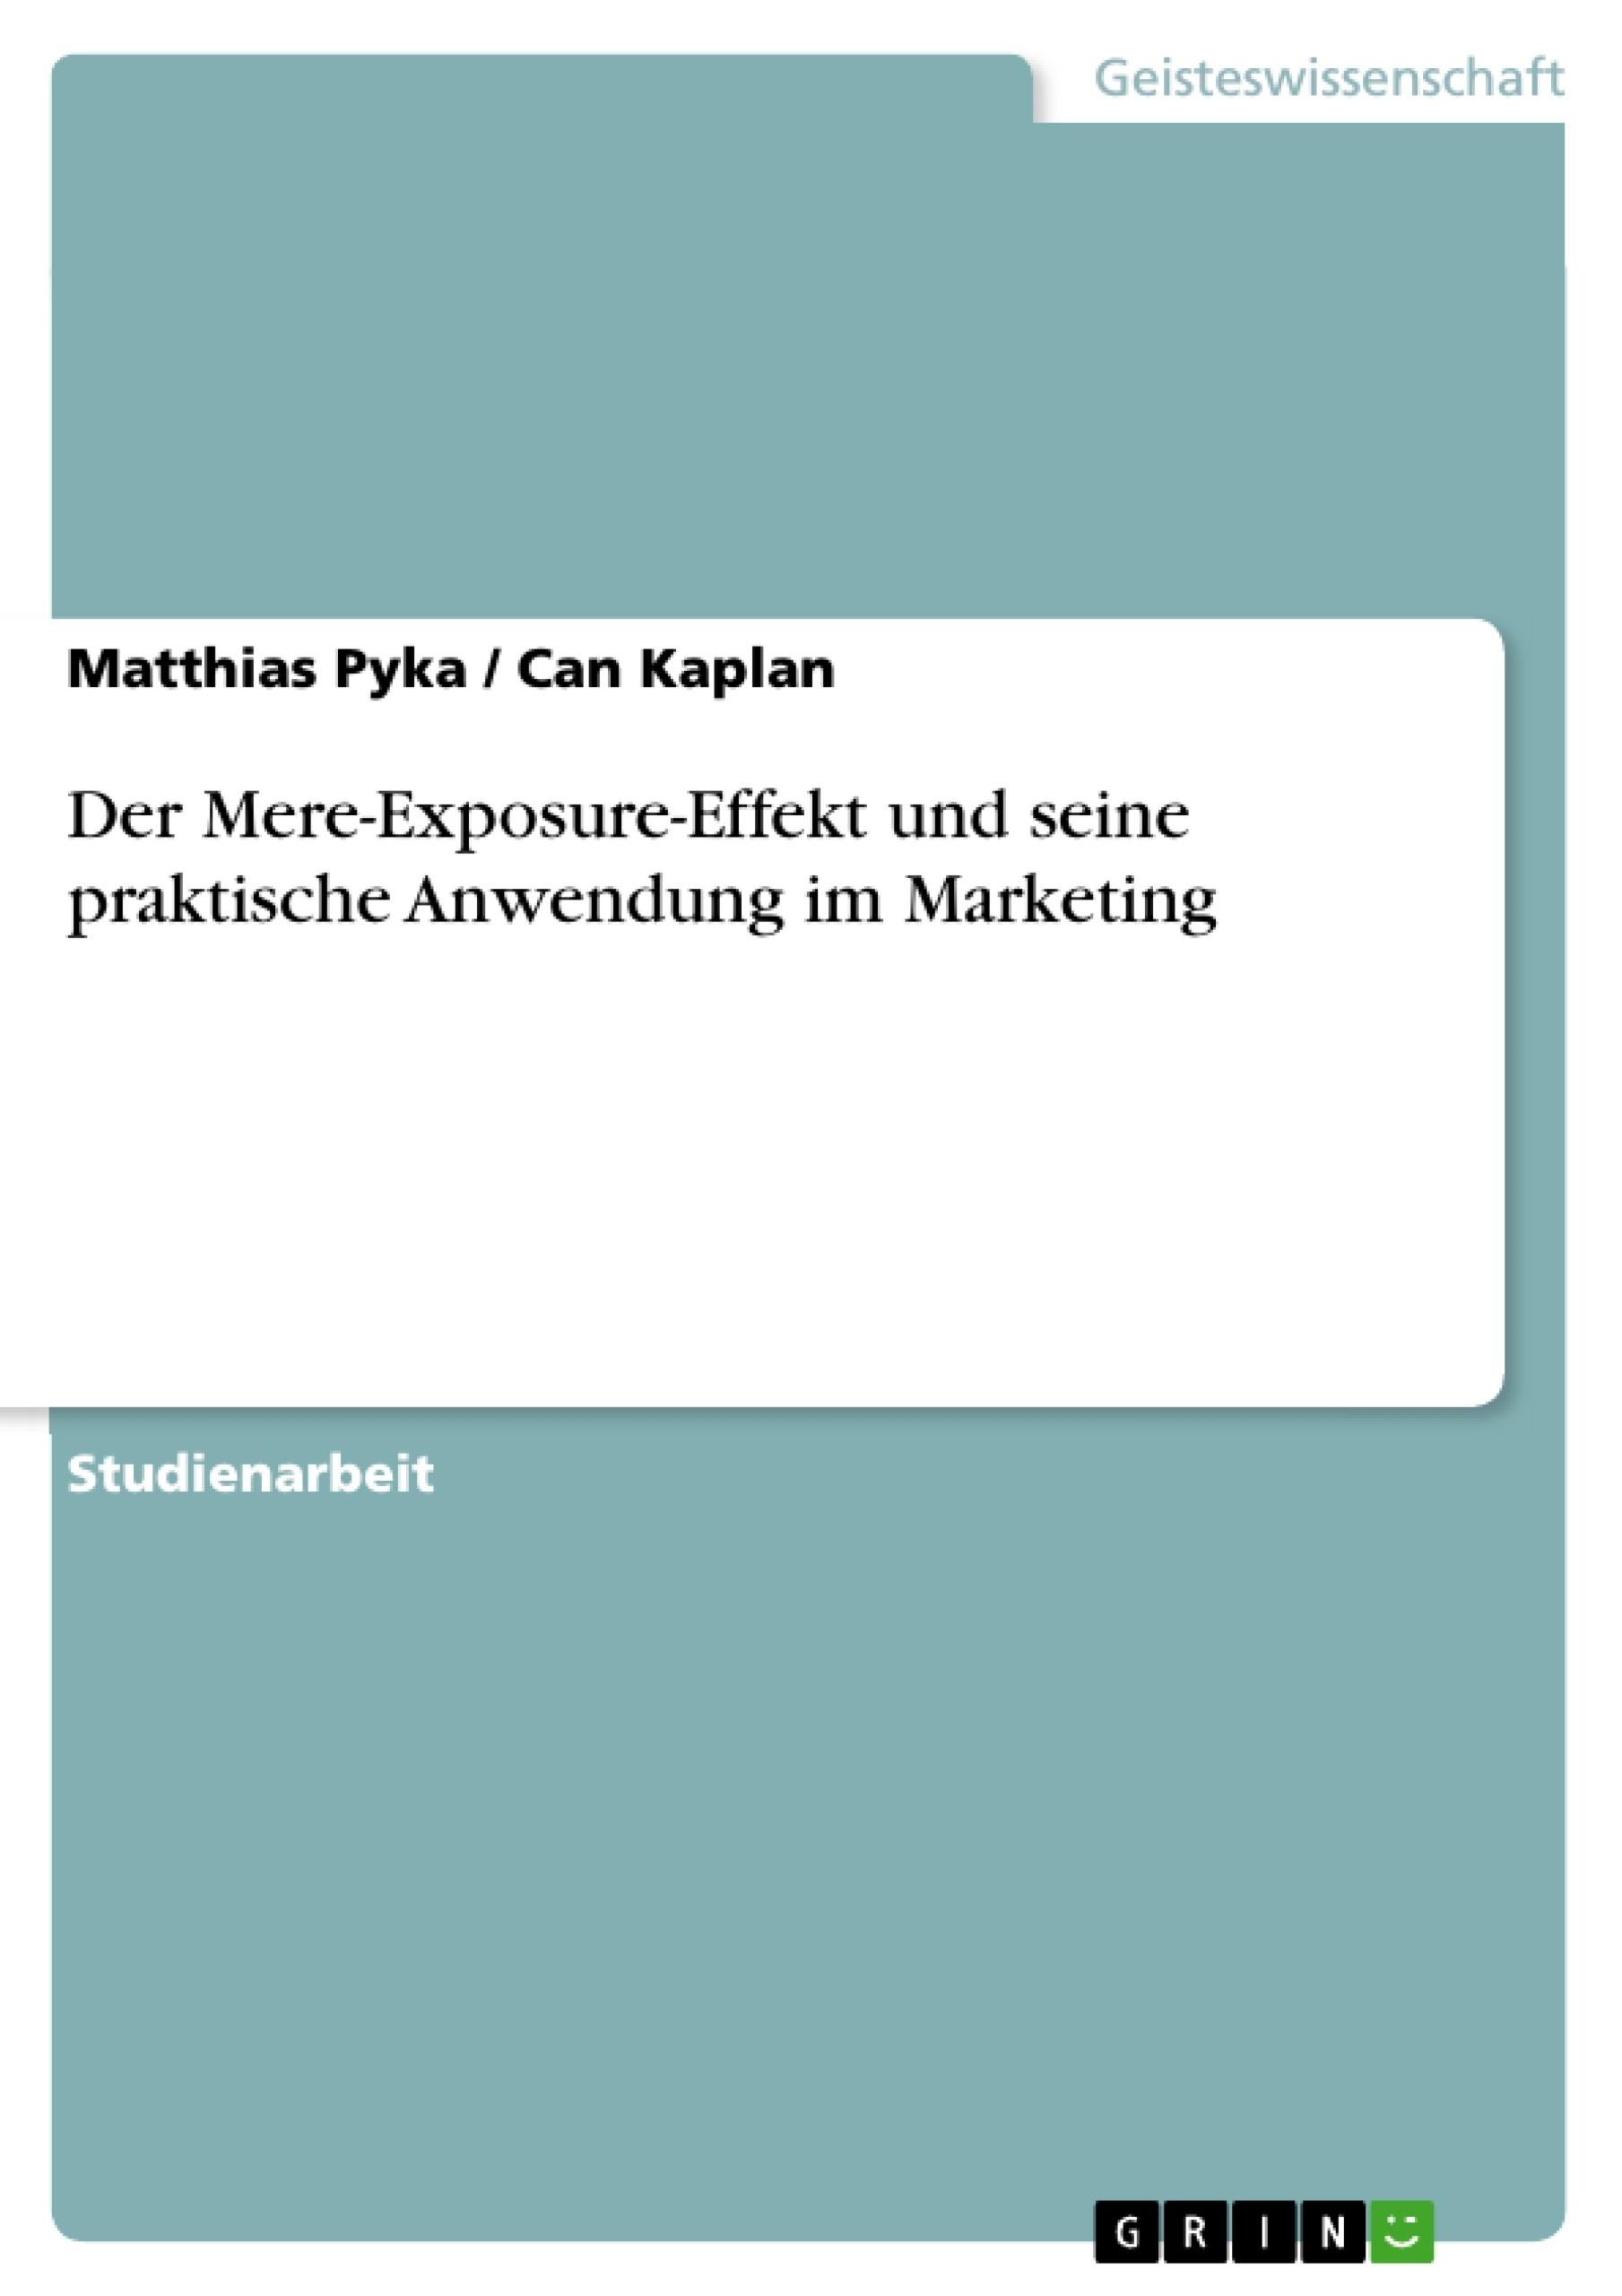 Titel: Der Mere-Exposure-Effekt und seine praktische Anwendung im Marketing